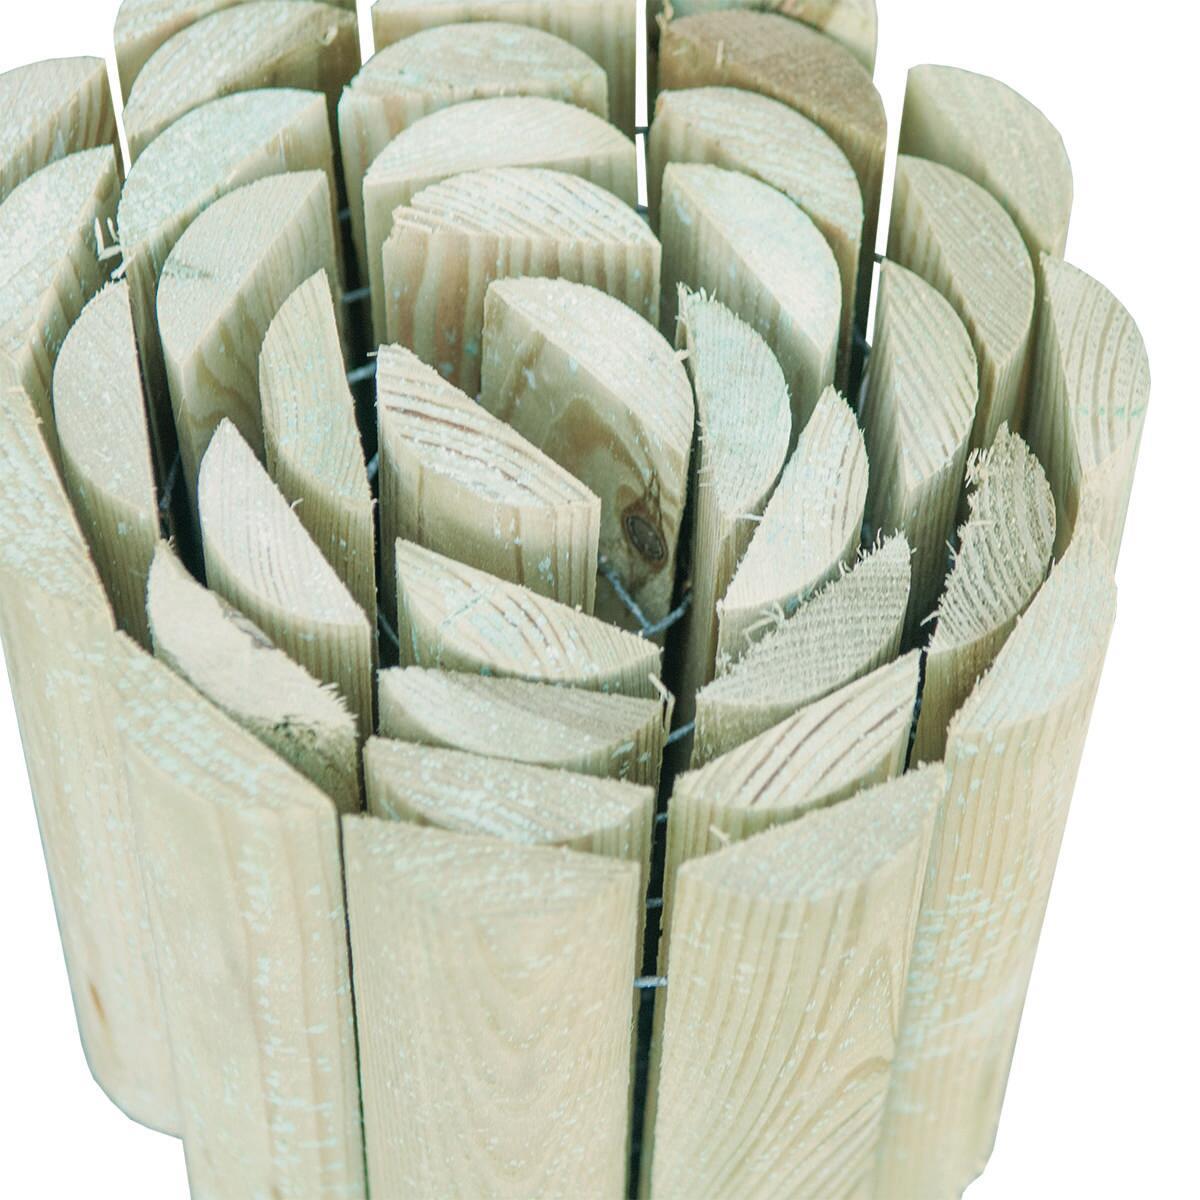 Bordura in rotolo in legno L 180 x H 20 cm Sp 1.4 cm - 2